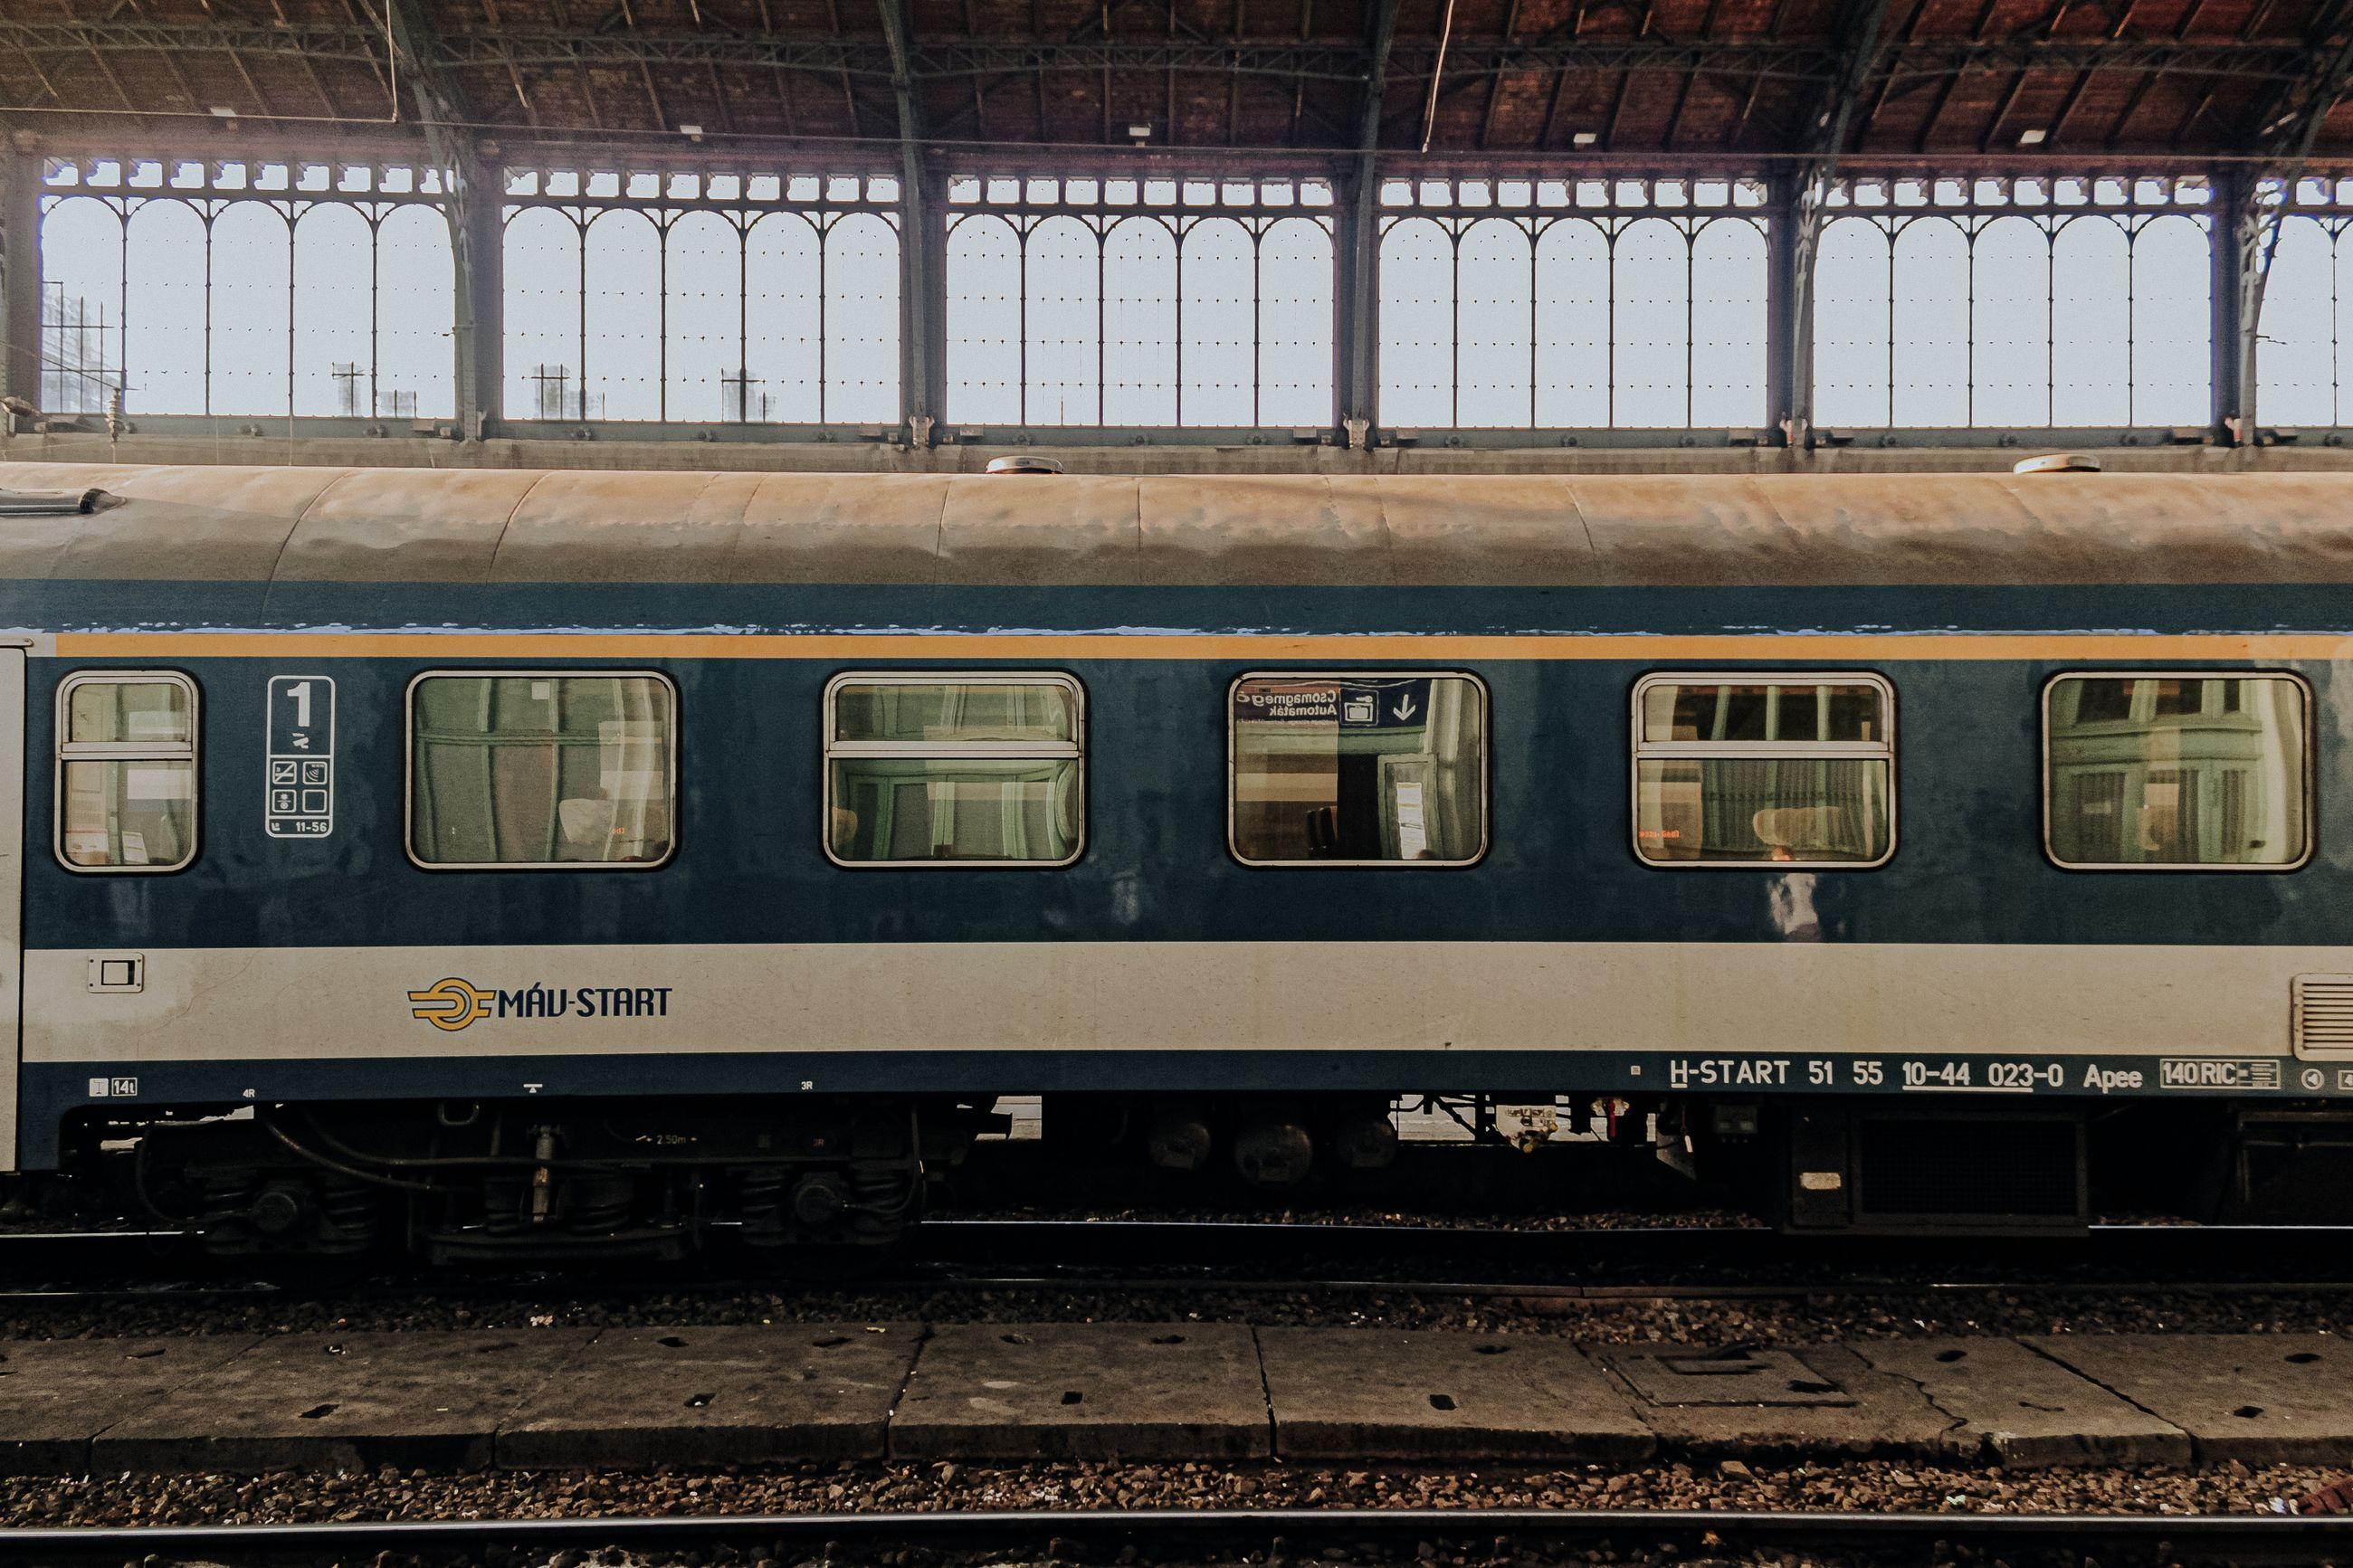 TRAIN IN RAILROAD STATION